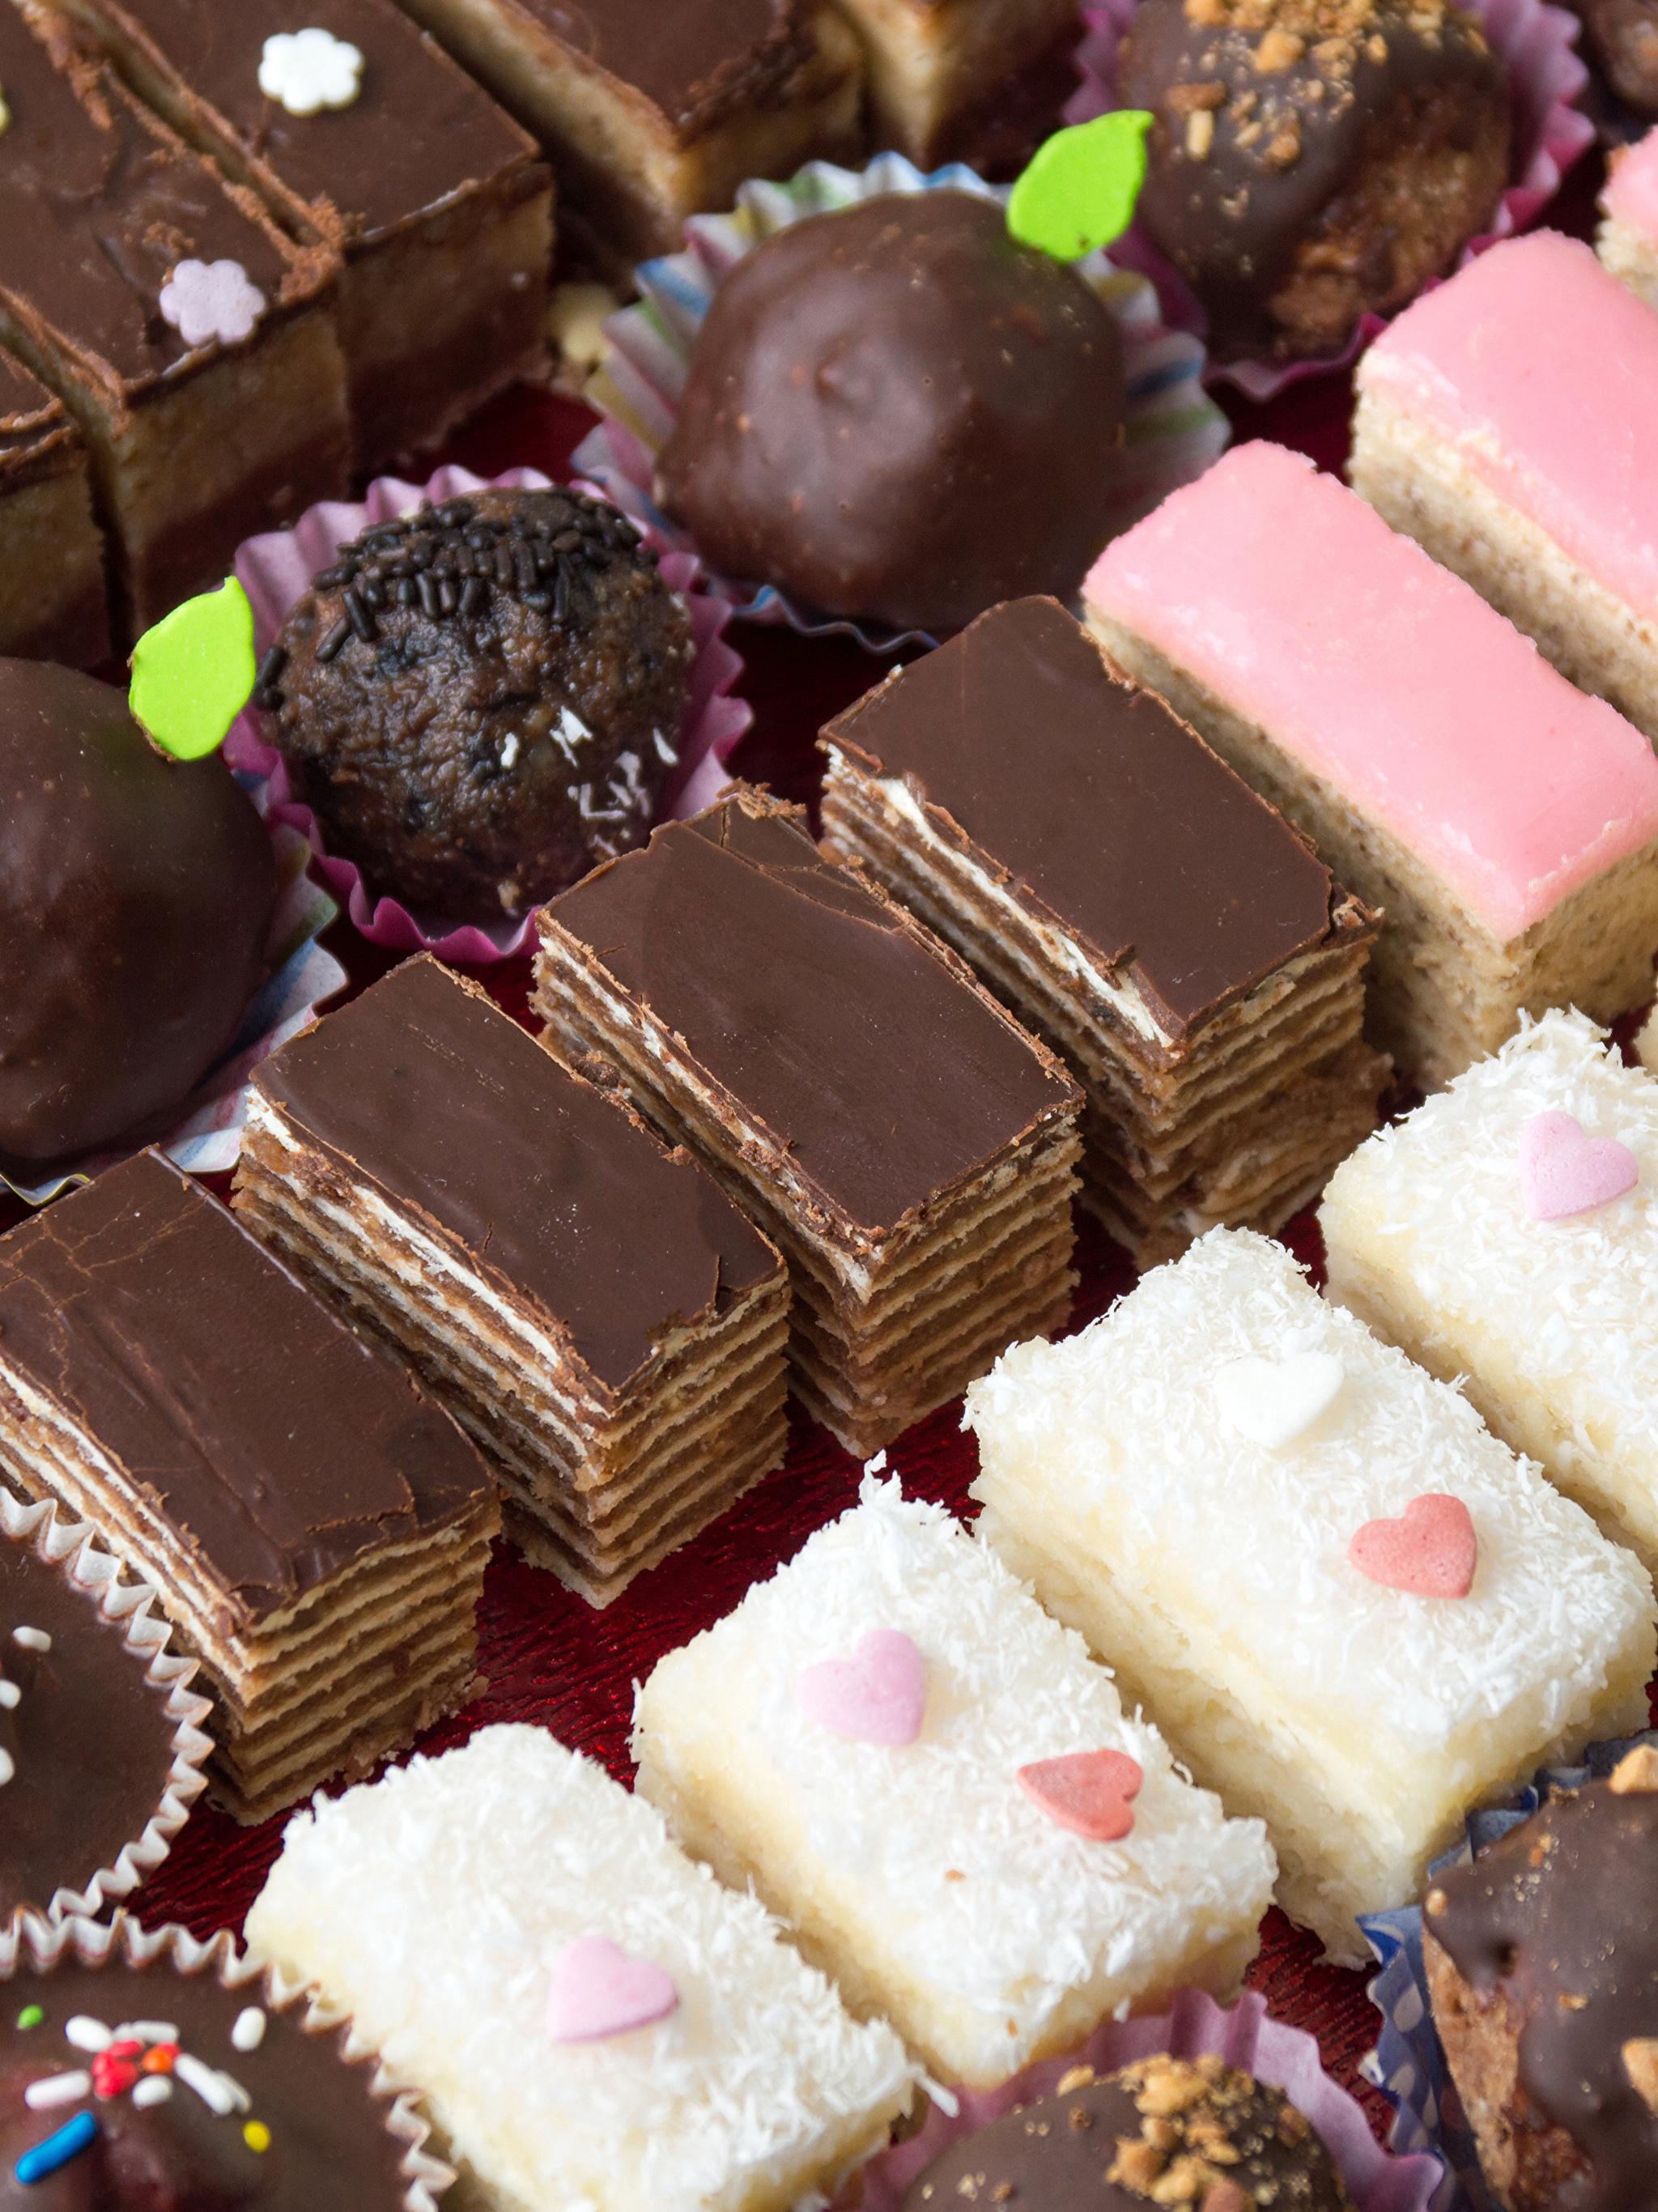 Обои Шоколад Конфеты Еда Пирожное Сладости 2048x2732 Пища Продукты питания